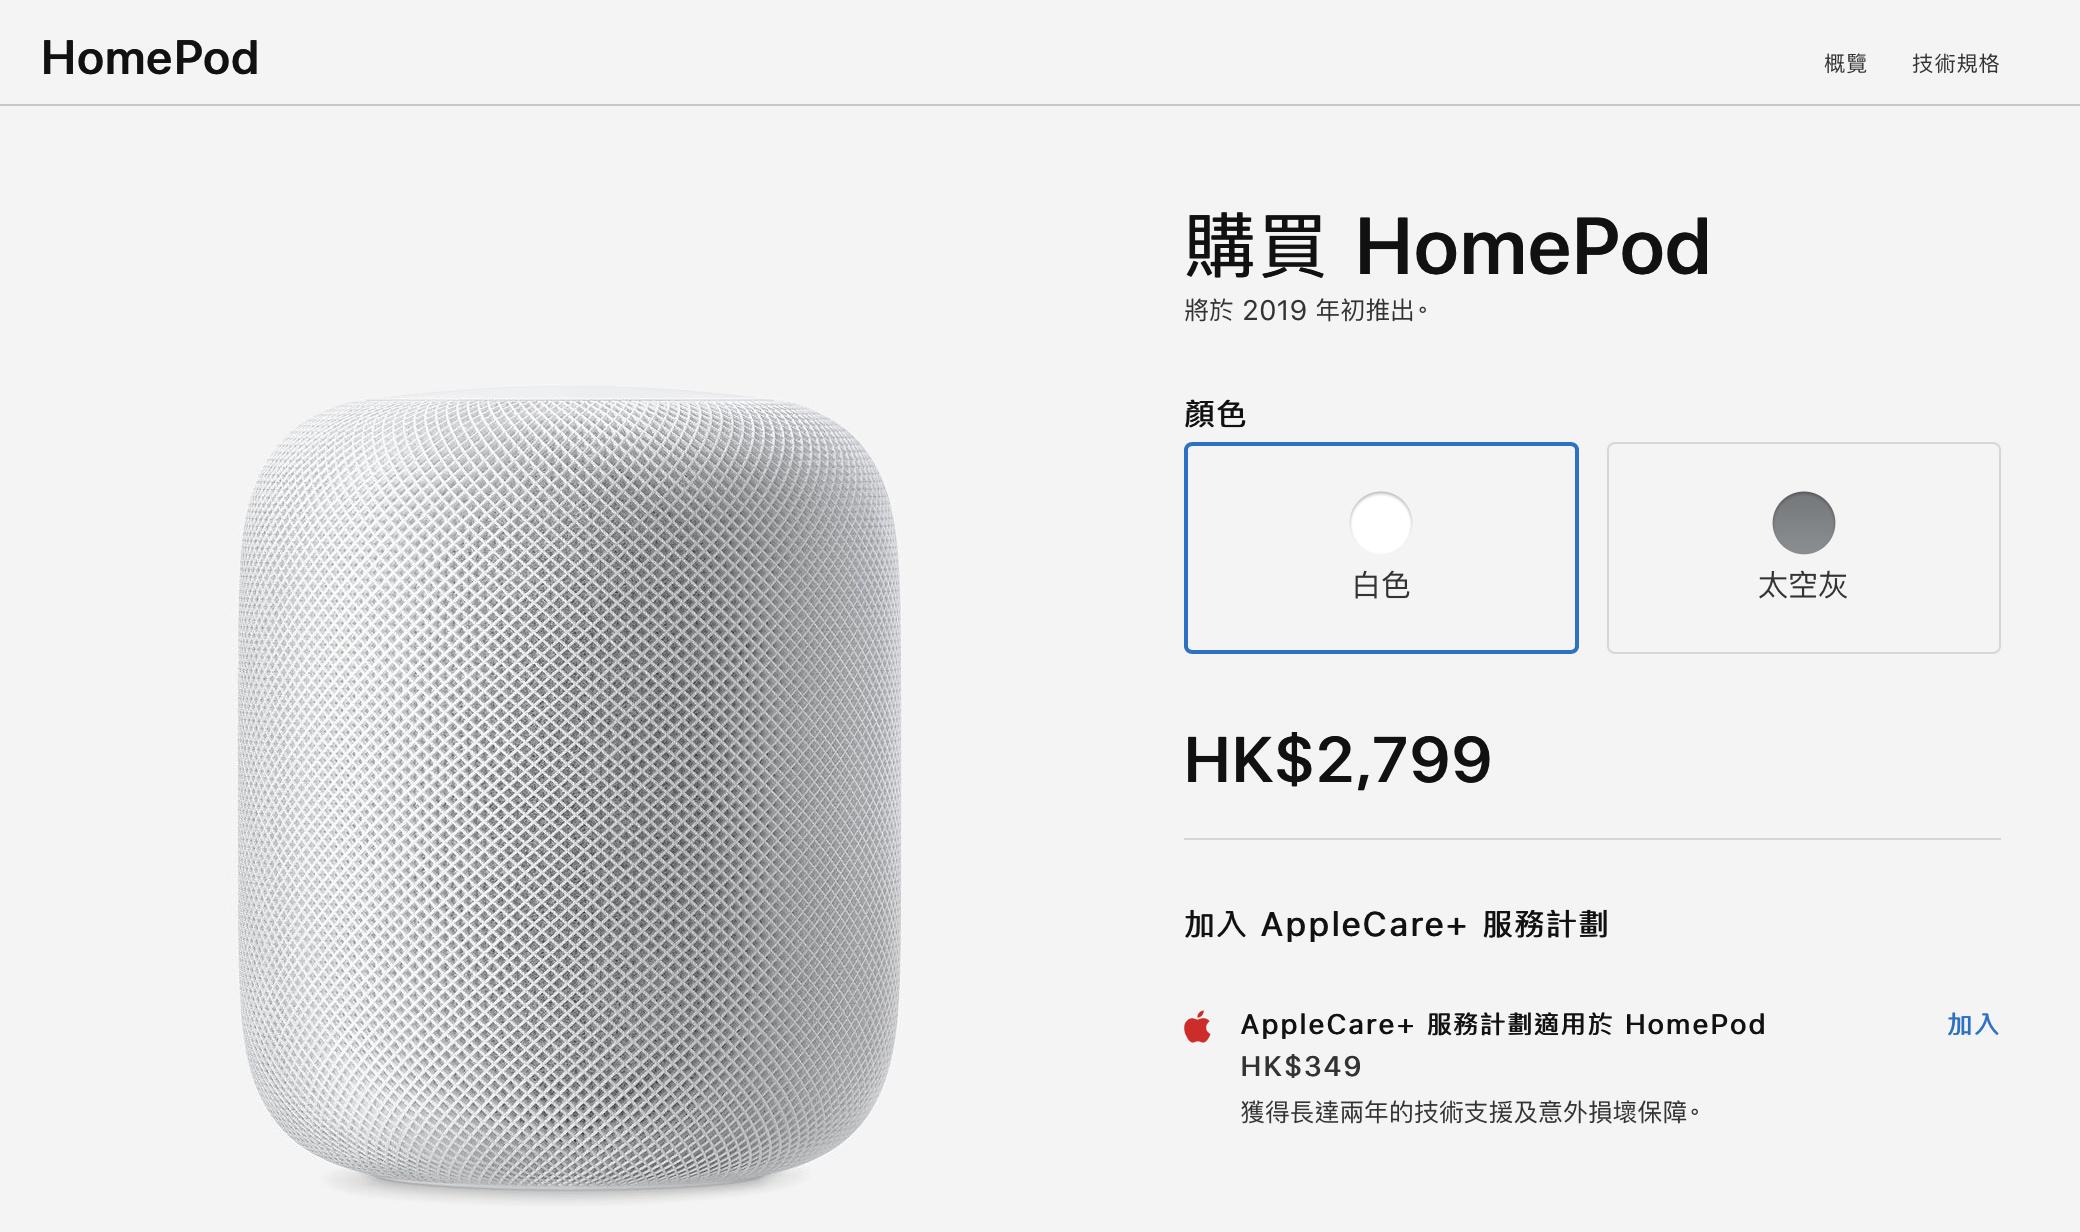 HomePod 將於中國及香港開賣